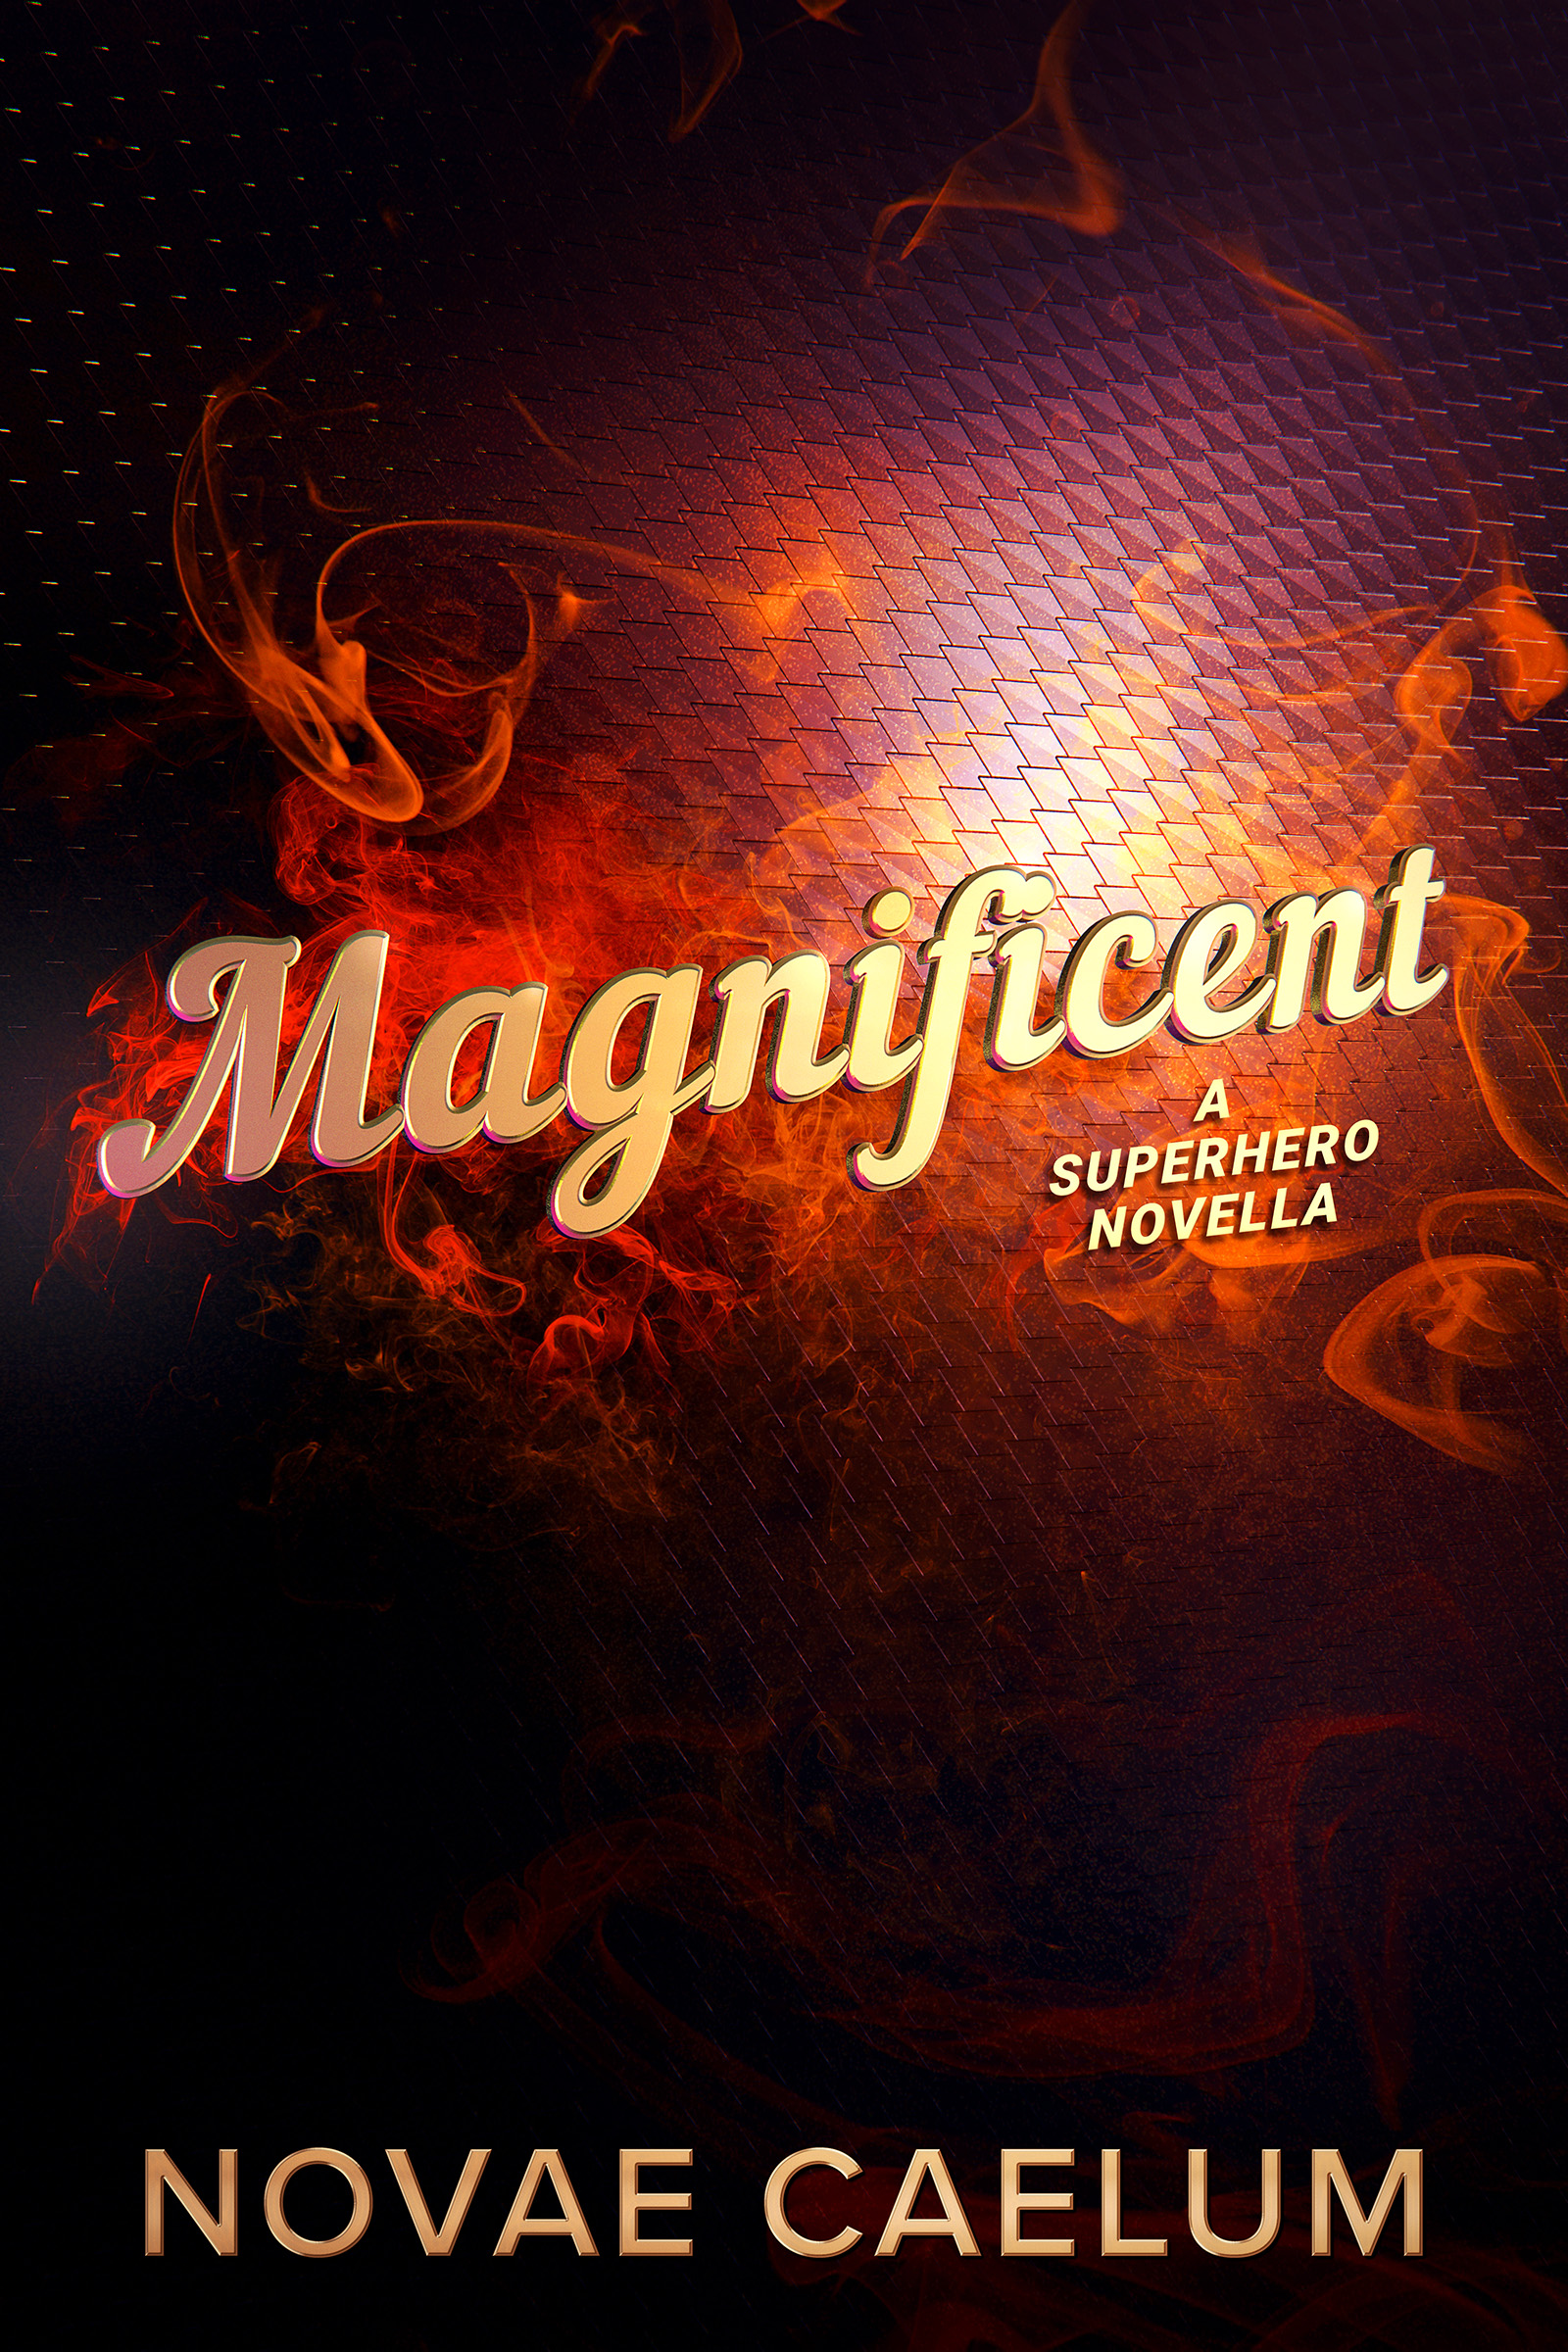 Magnificent kindlefinal d2d